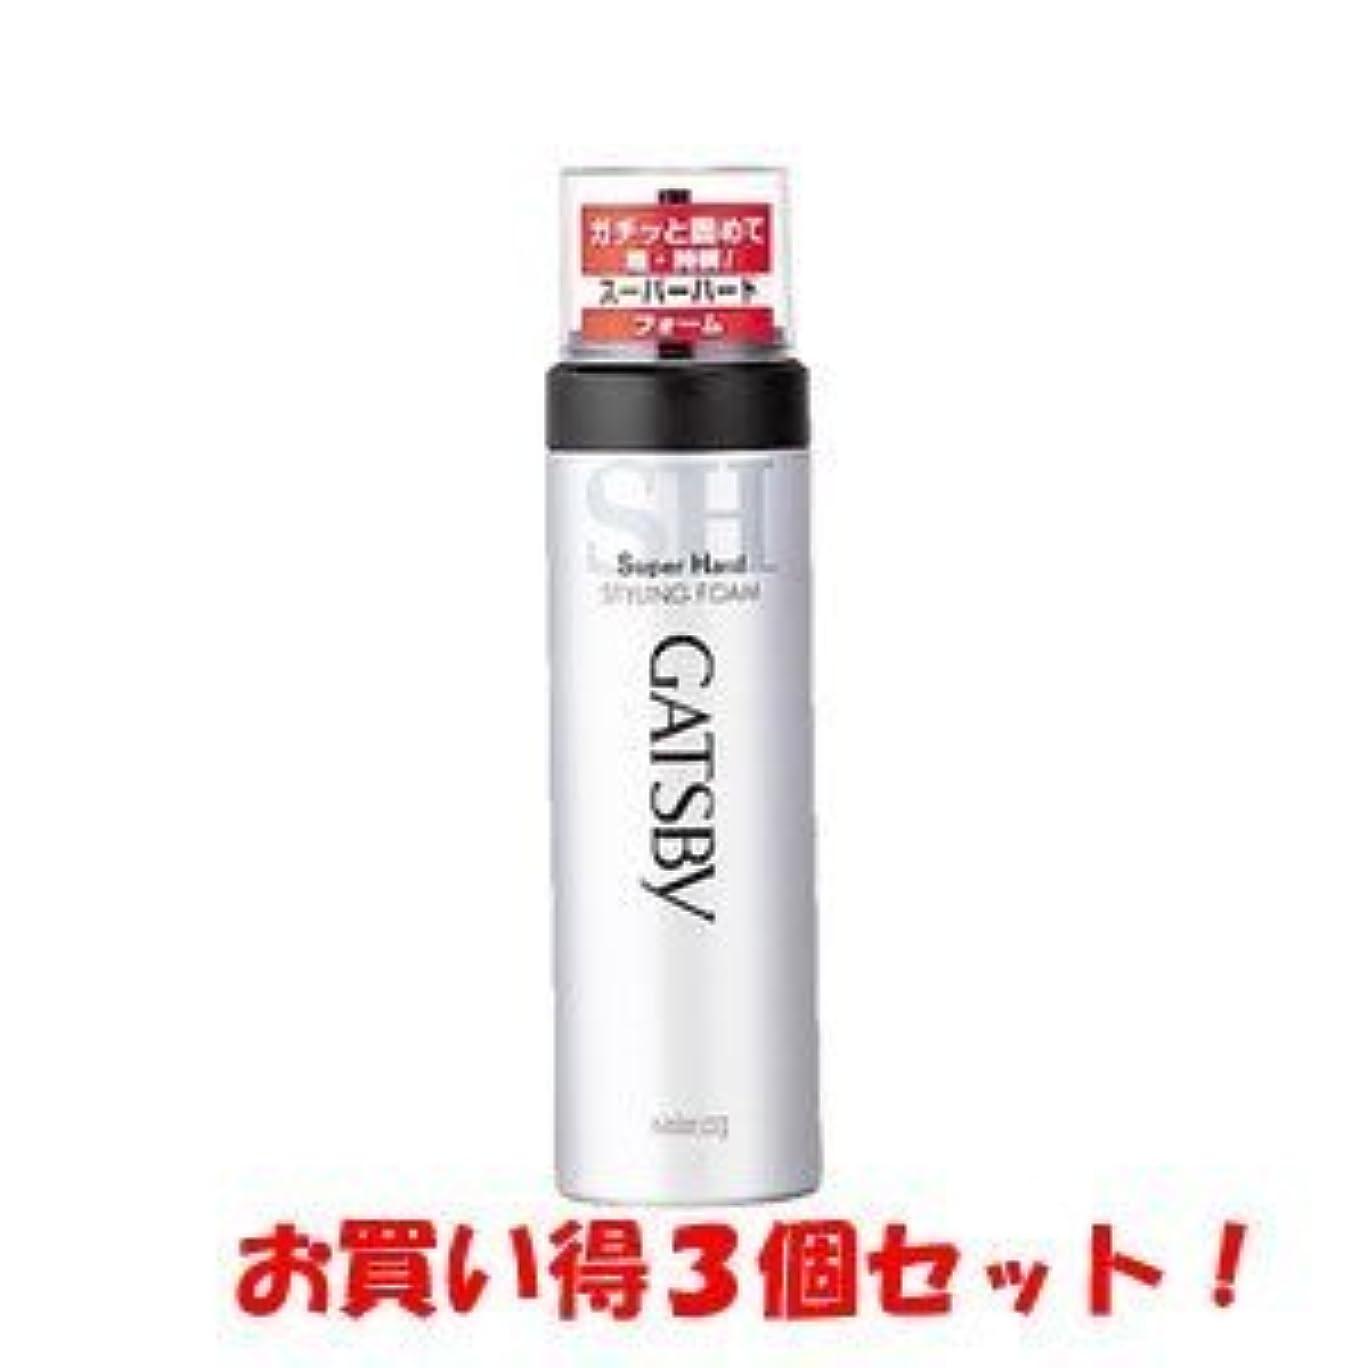 びんのスコア予約ギャツビー【GATSBY】スタイリングフォーム スーパーハード 185g(お買い得3個セット)